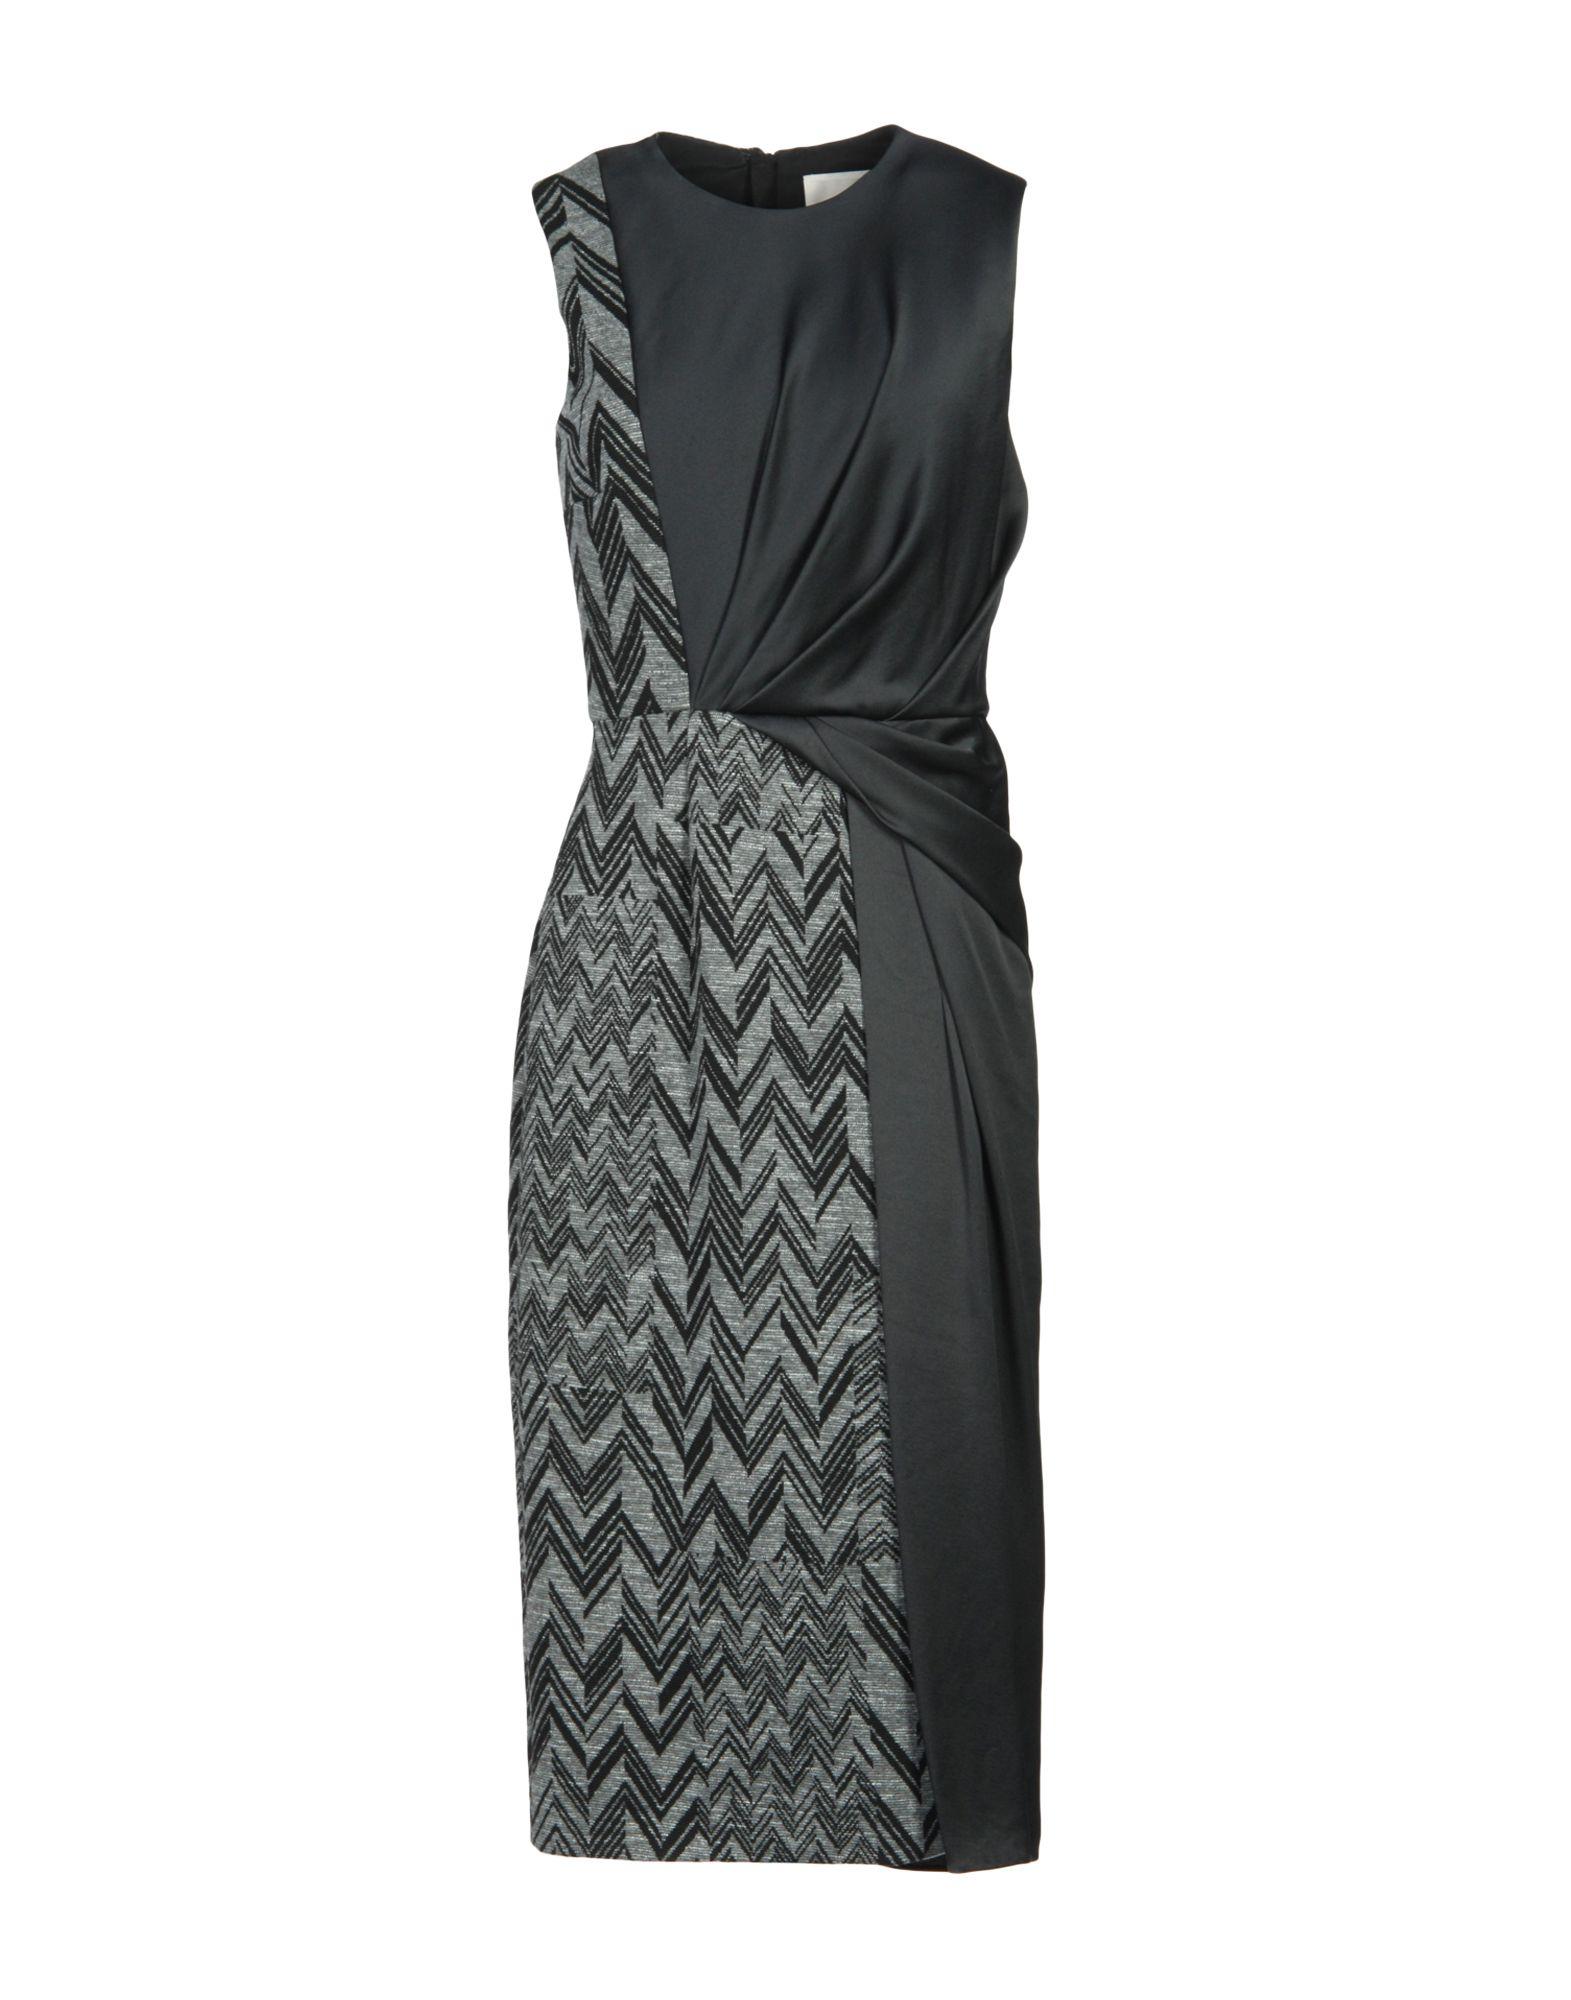 JASON WU Платье длиной 3/4 платье для девочек wu children clothing 2015 b089